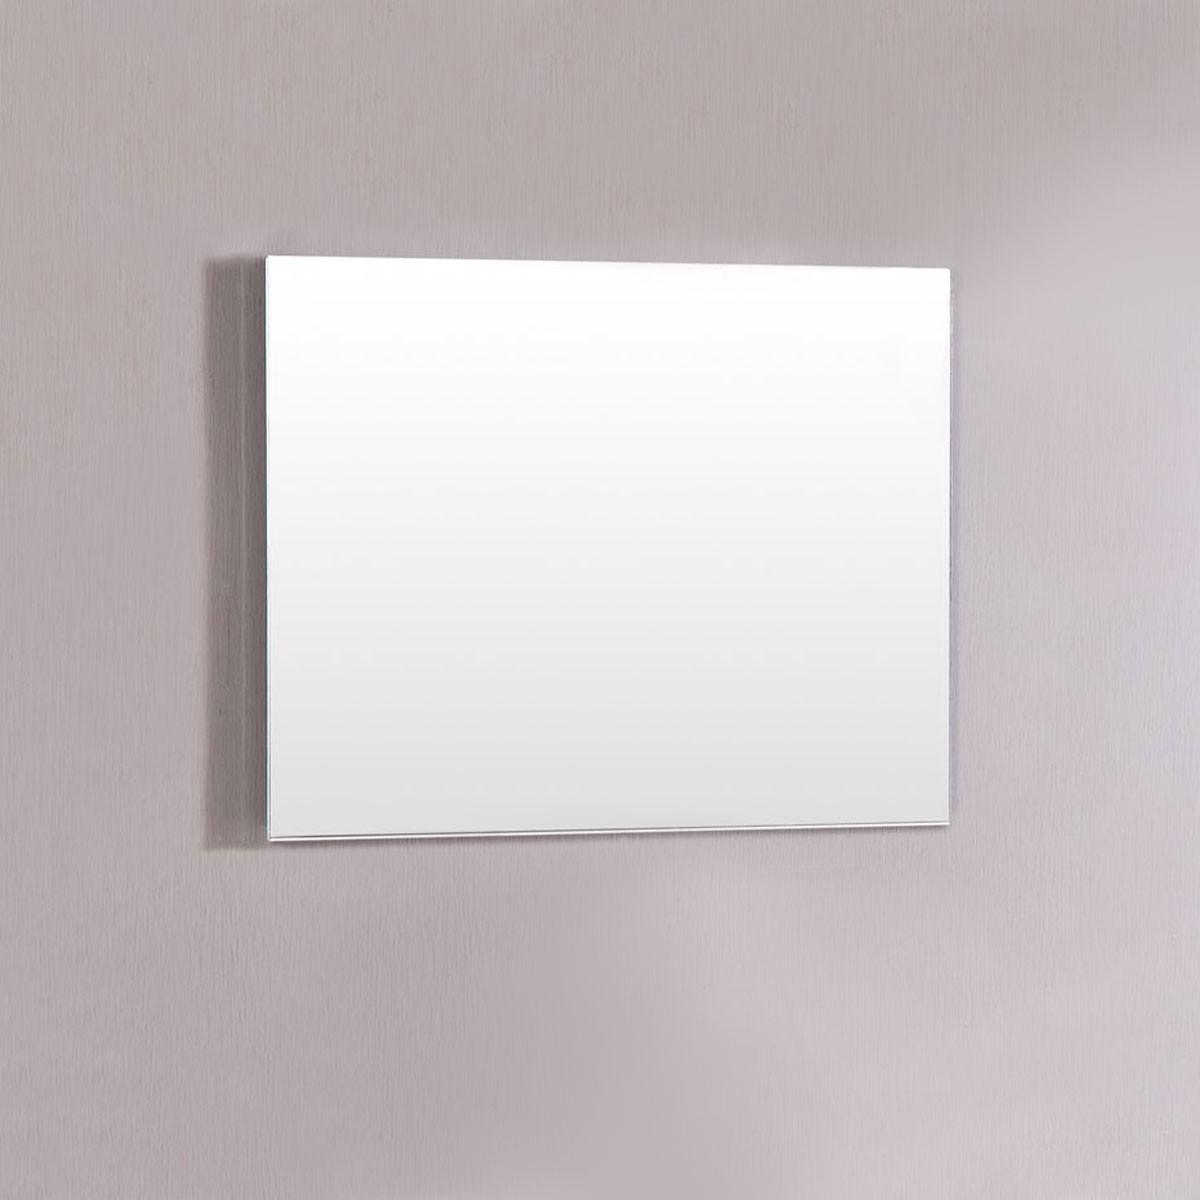 30 x 40 po Miroir pour Meuble Salle de Bain (DK-TM8120S-M)